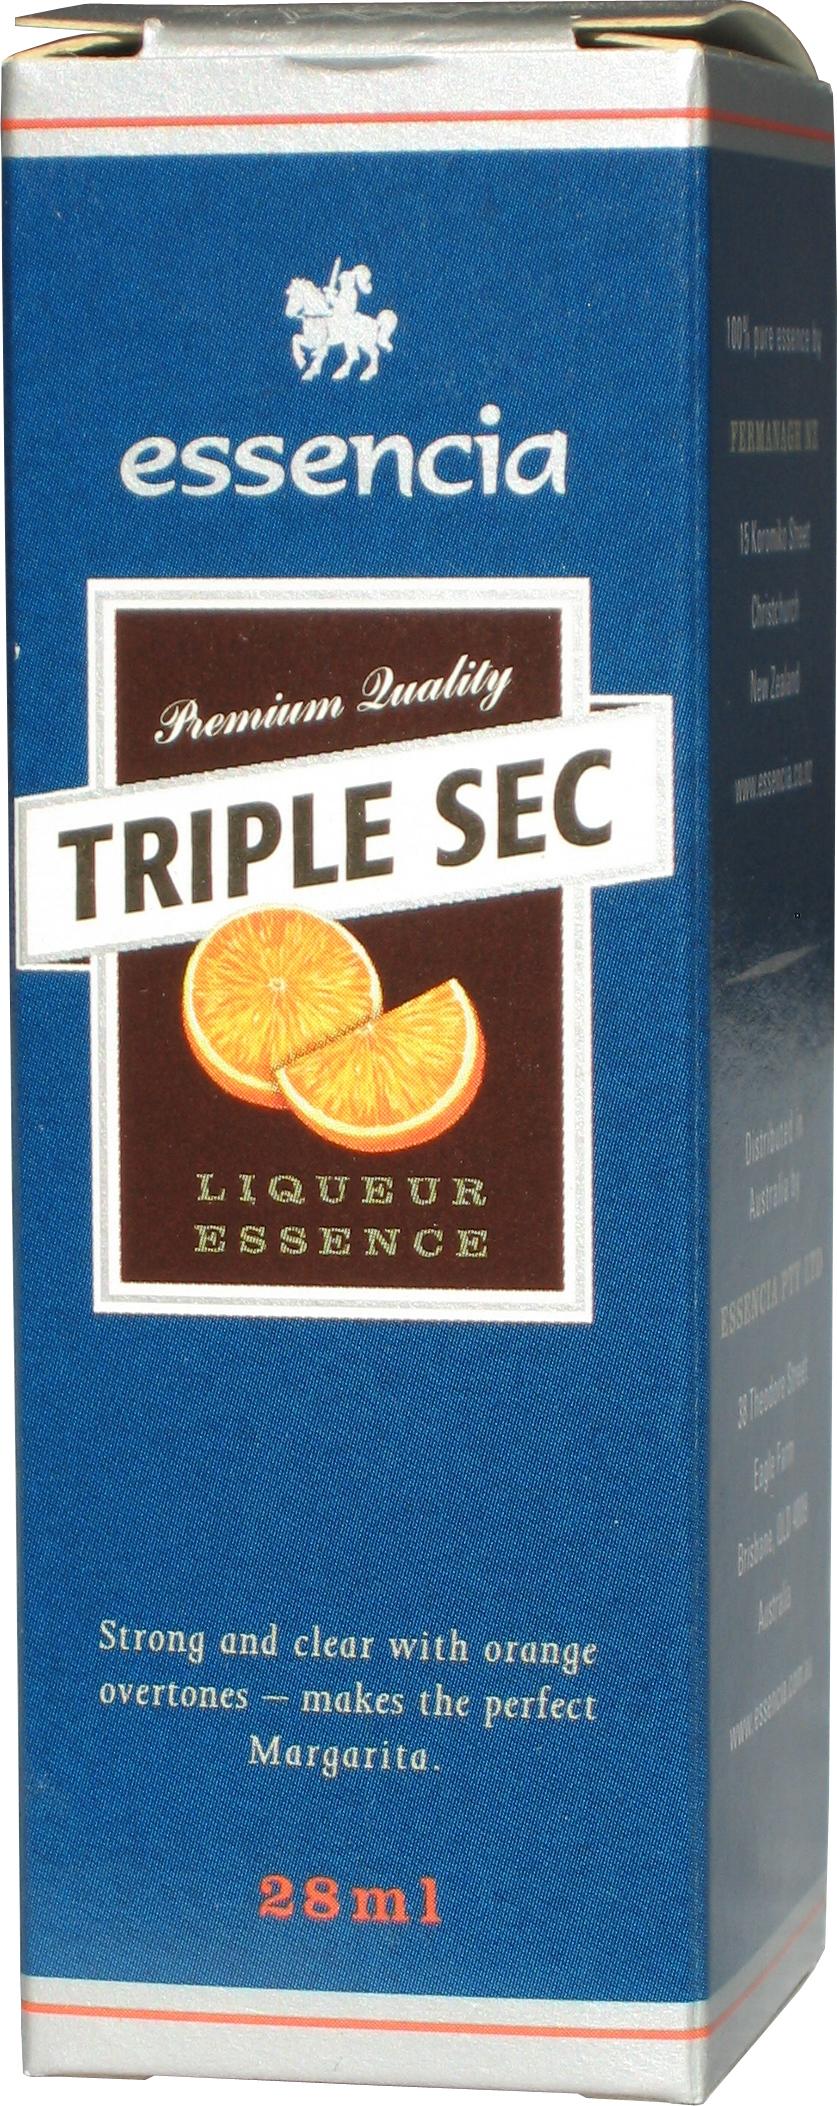 Essencia Triple Sec